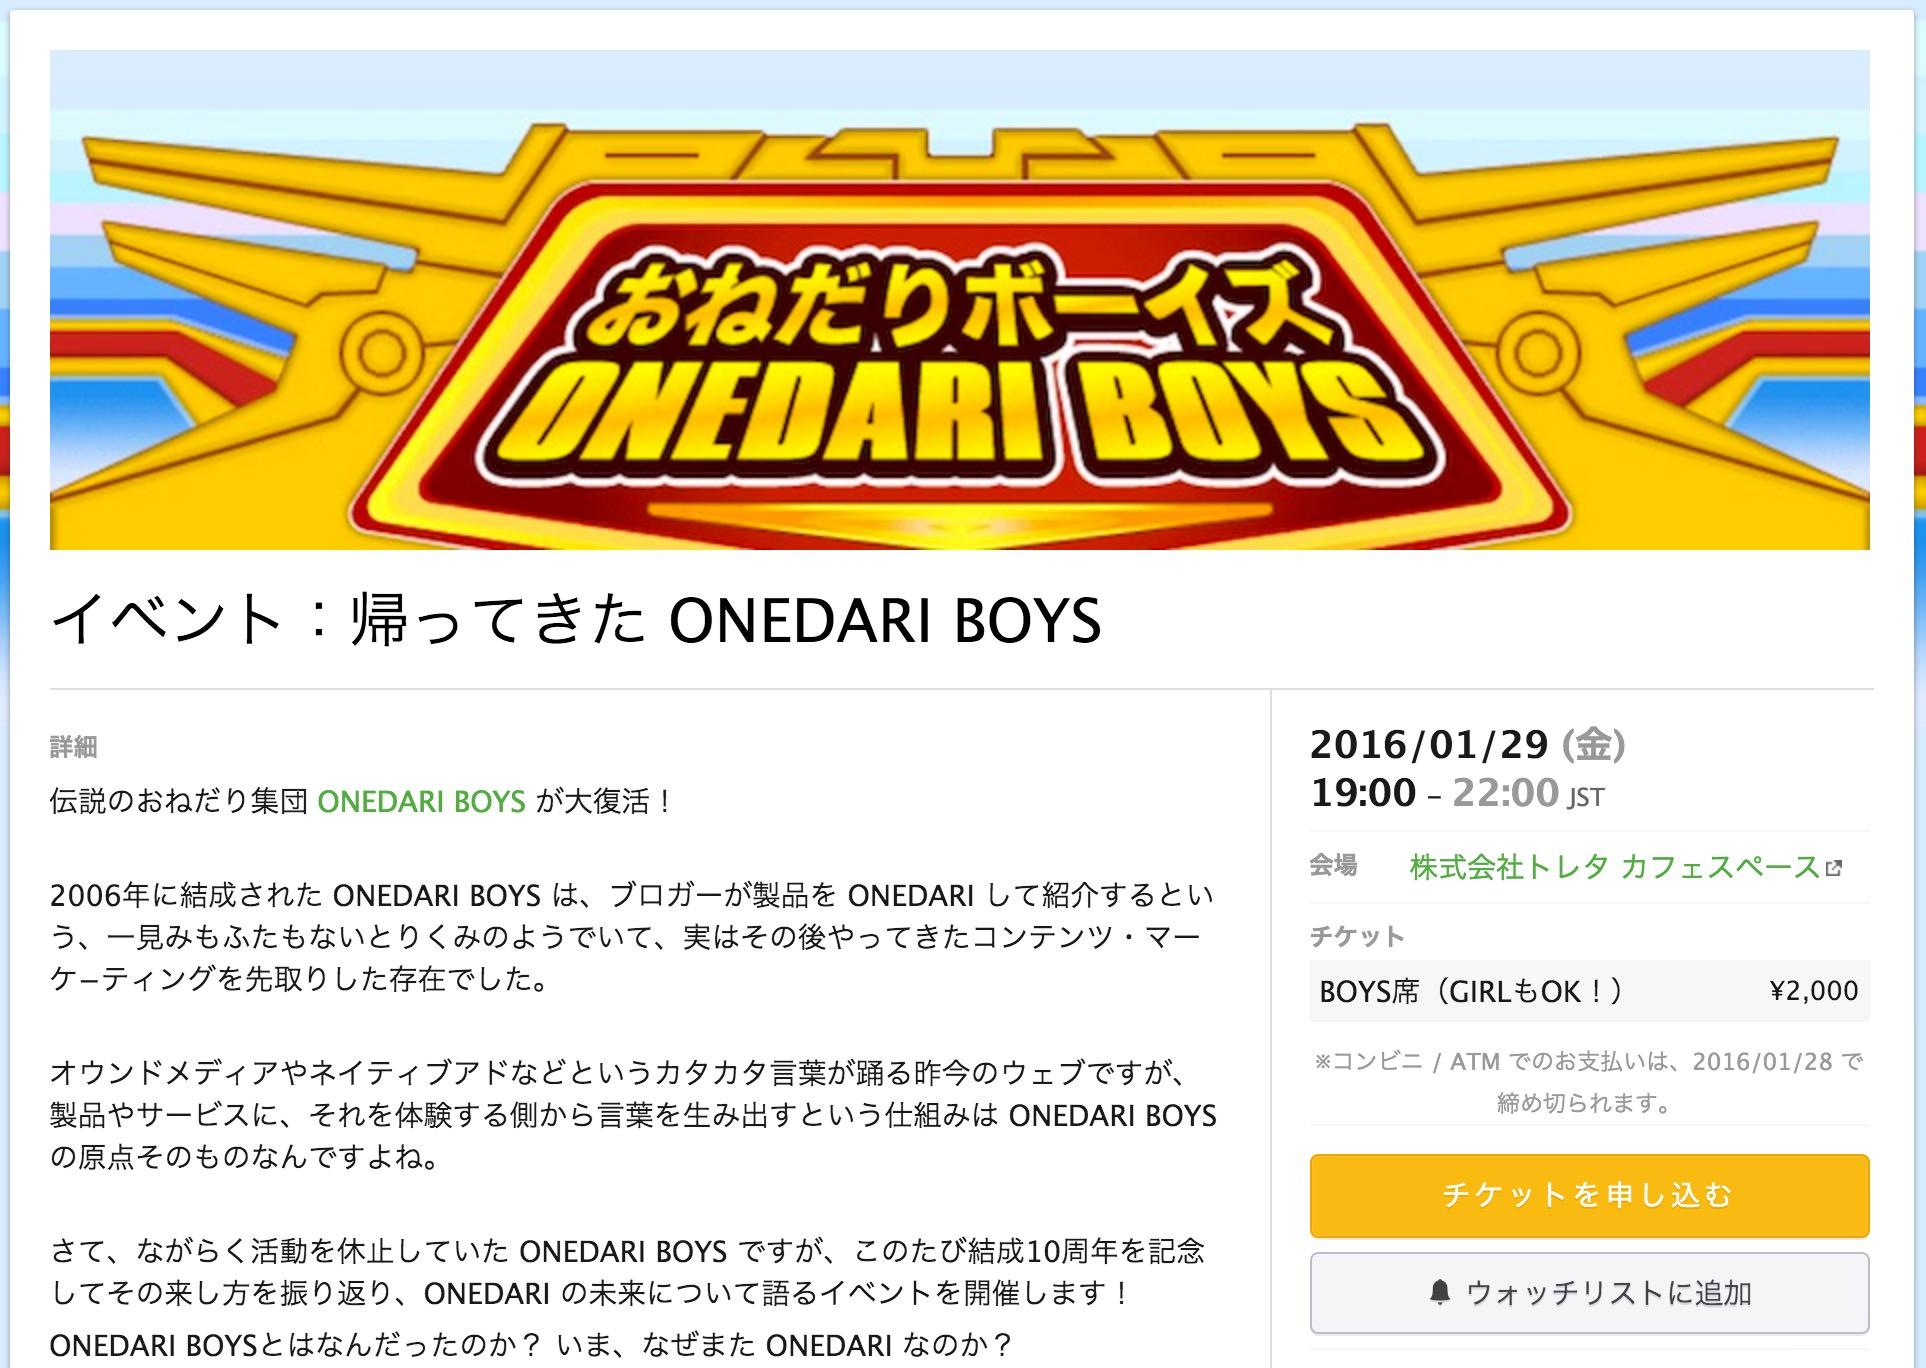 ブログマーケティングの歴史を紐解く!?「イベント:帰ってきた ONEDARI BOYS」(2016年1月29日)